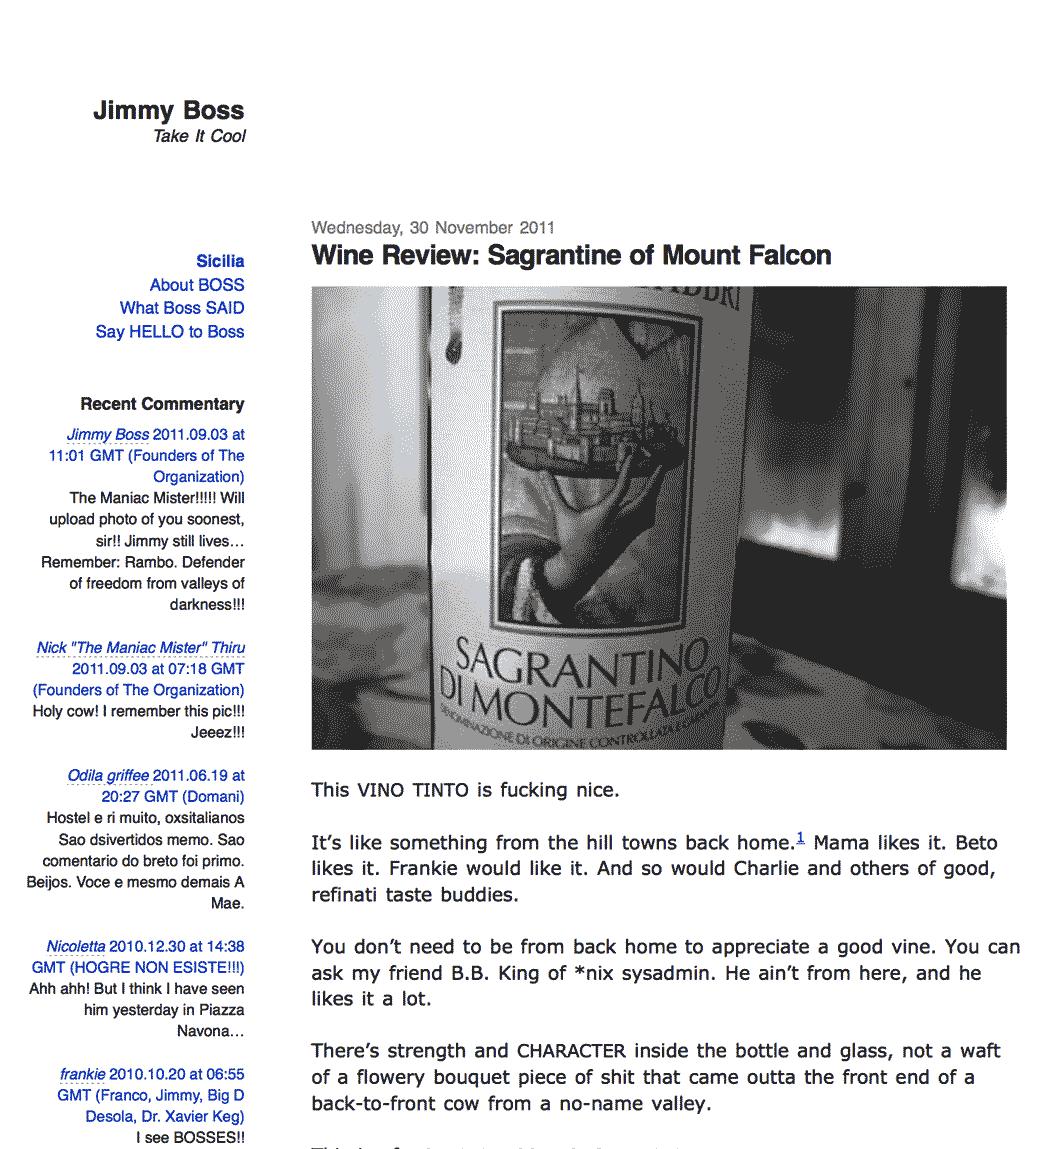 A screenshot of the Jimmy Boss website.